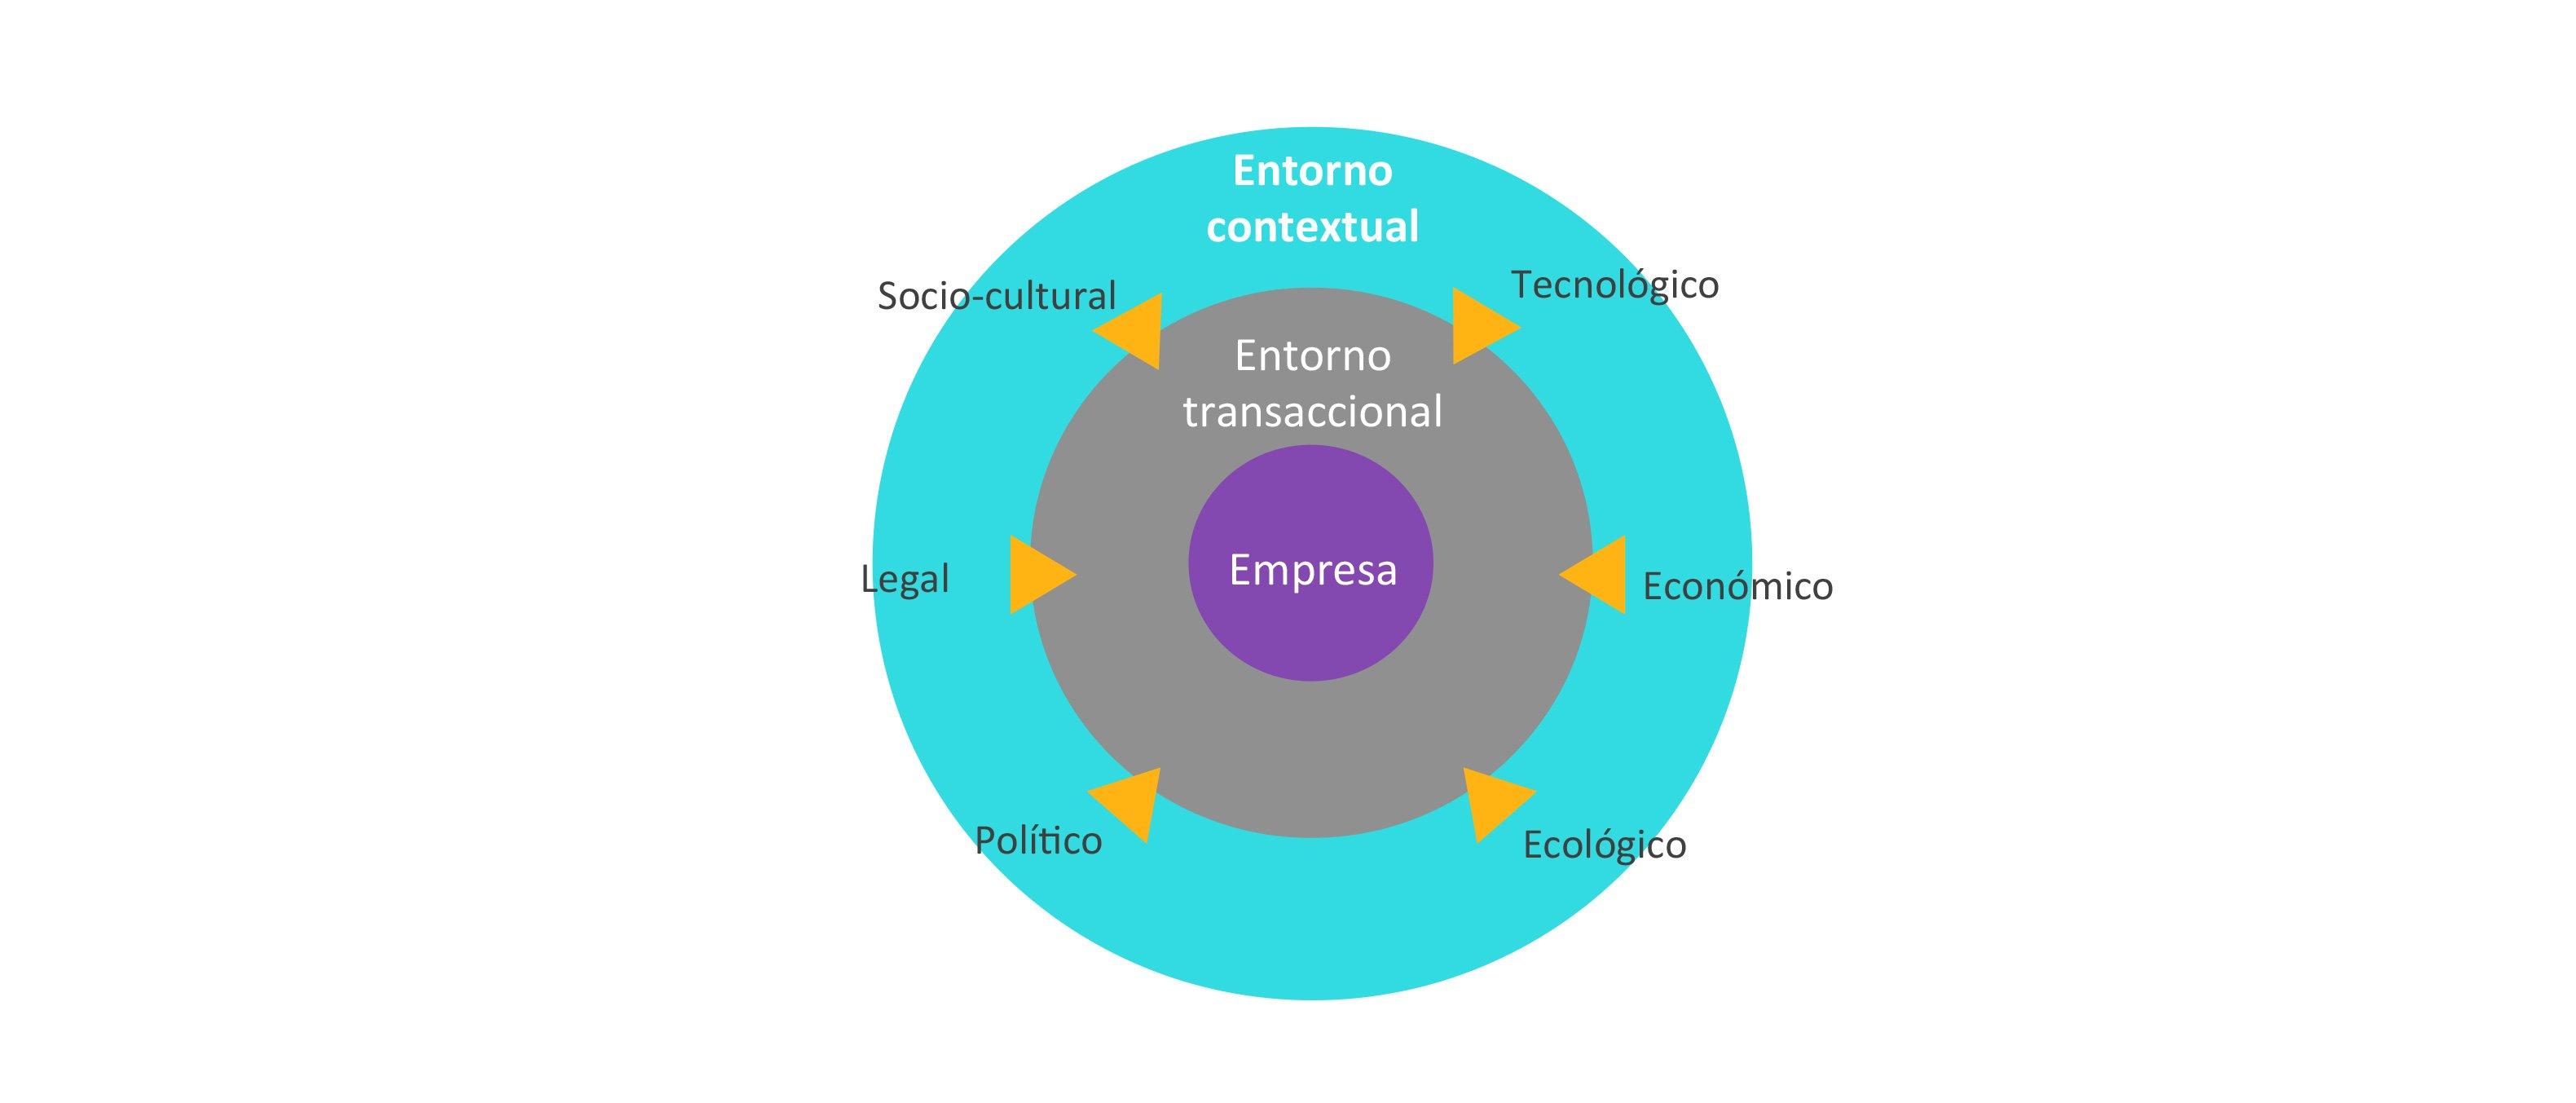 Entornos que impactan en las fuerzas de cambio